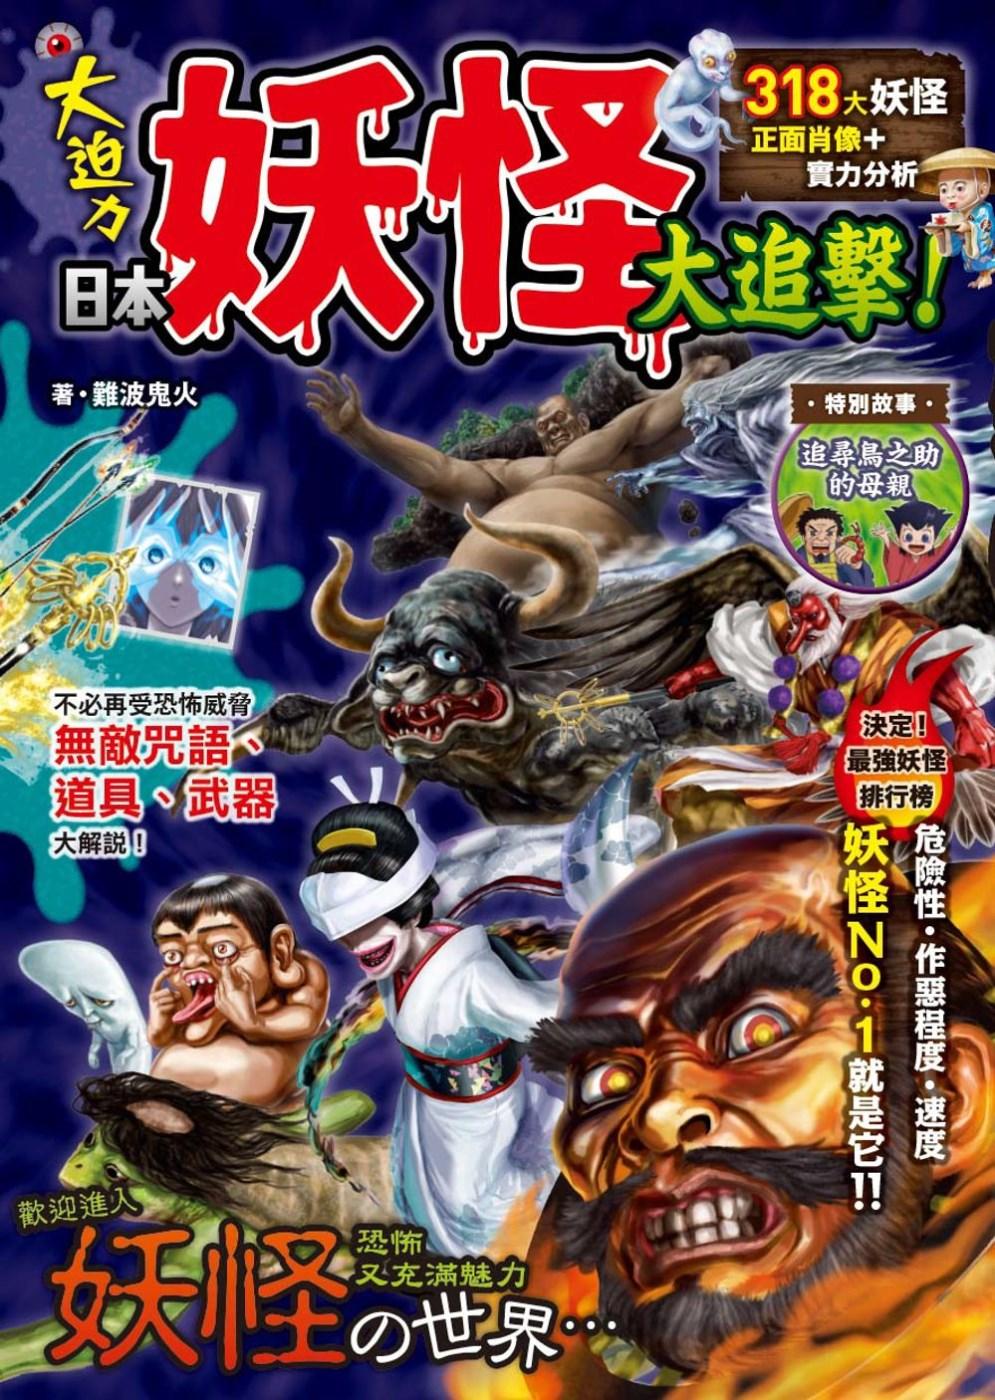 ◤博客來BOOKS◢ 暢銷書榜《推薦》日本妖怪大追擊!  318大妖怪正面肖像+實力分析